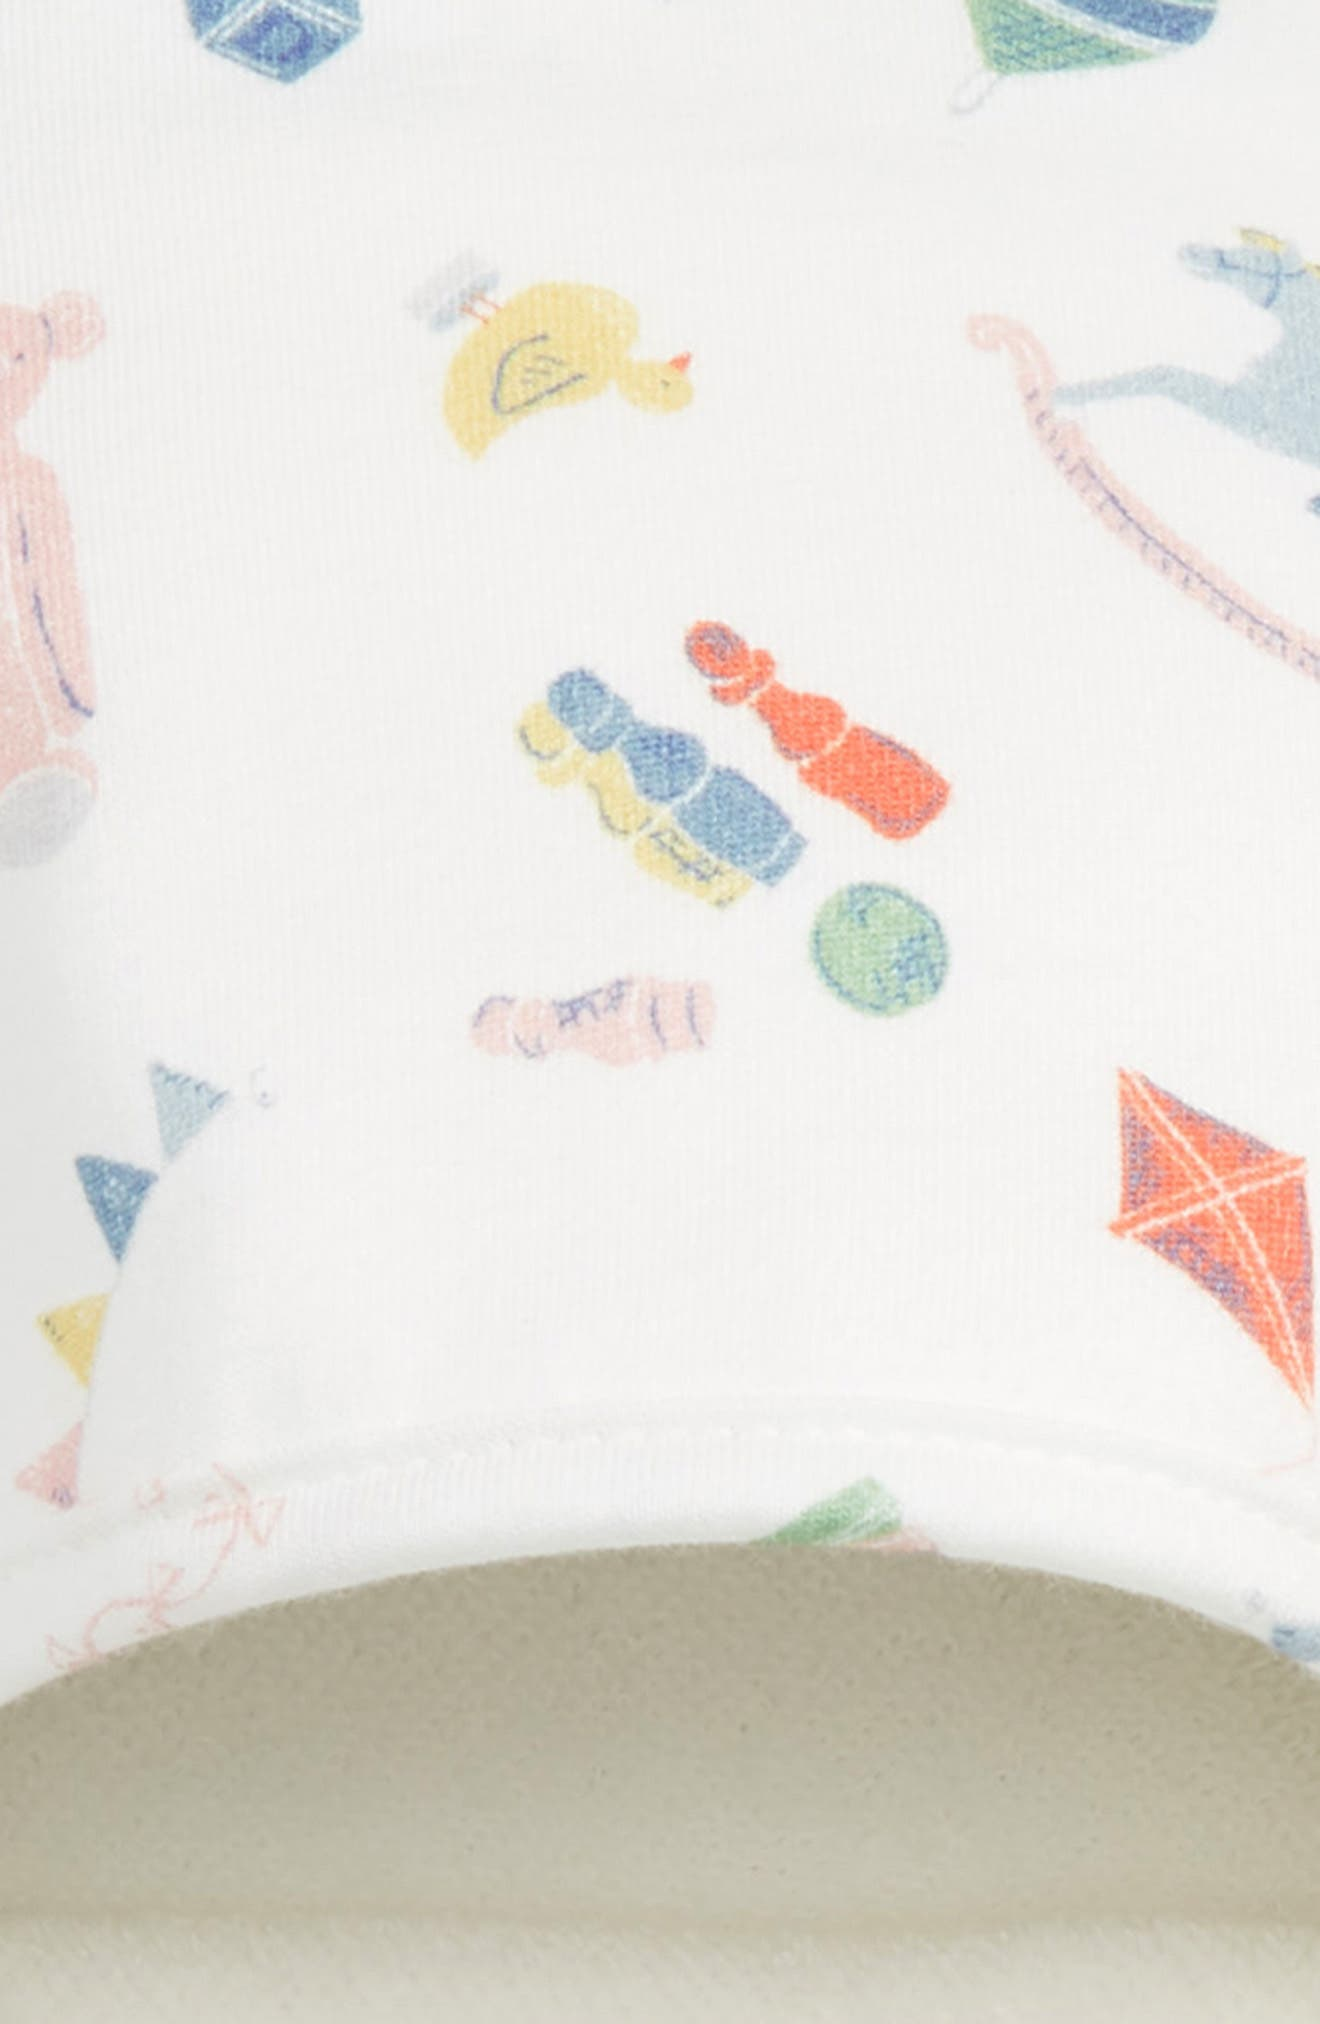 Supersoft Hooded Towel,                             Alternate thumbnail 2, color,                             MULTI NURSERY